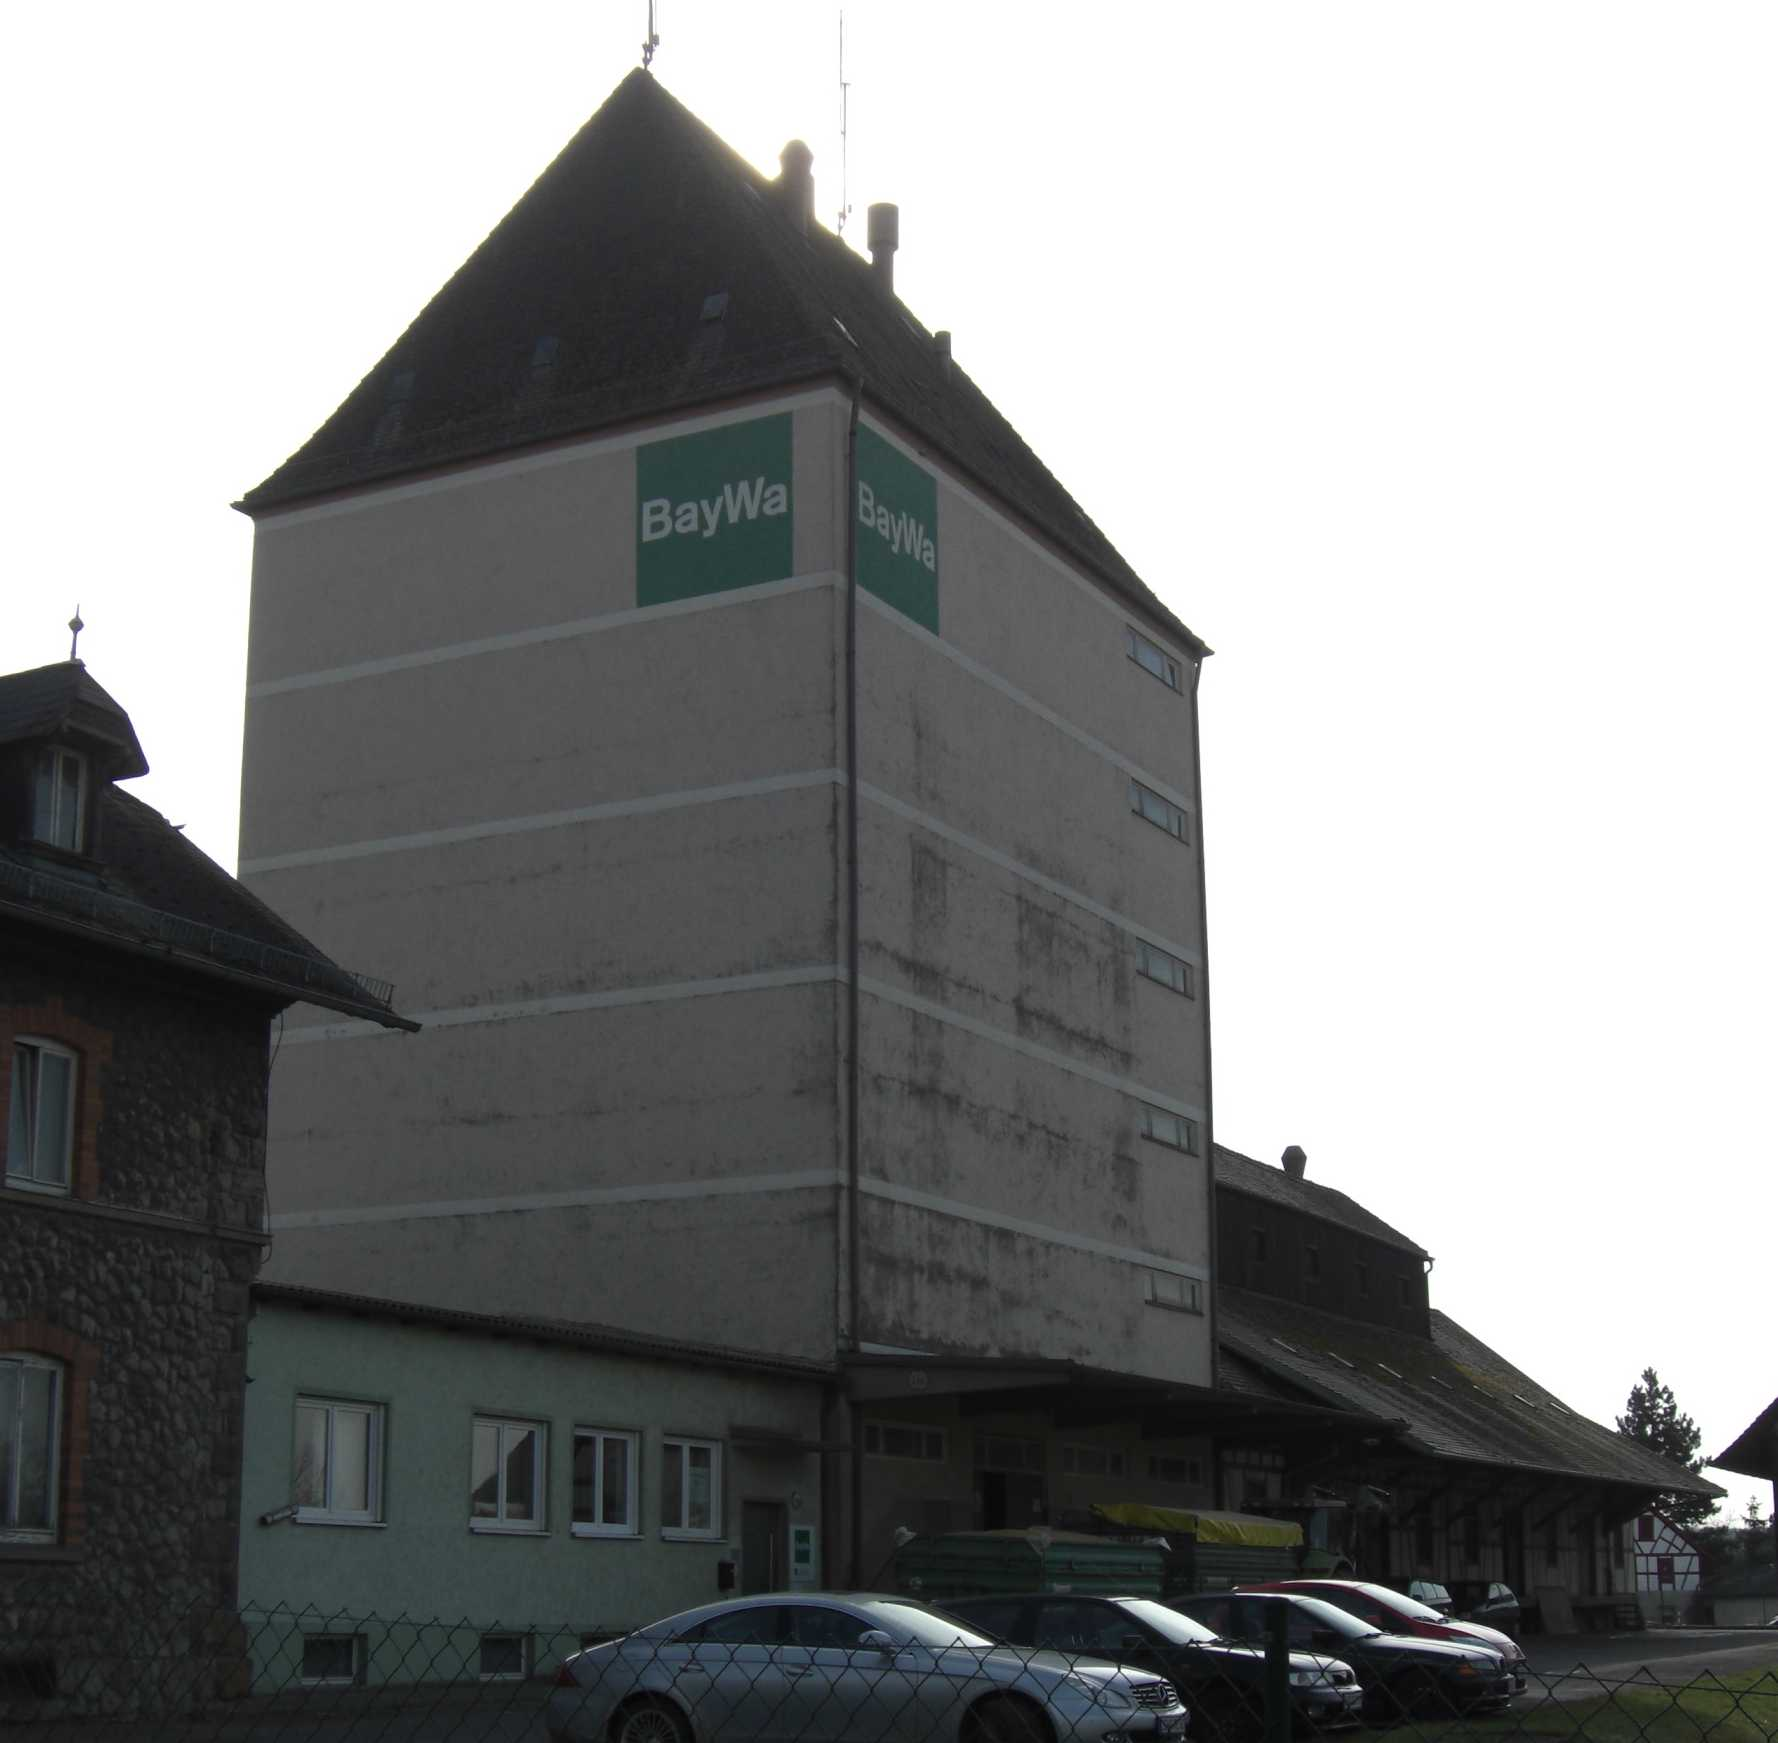 Baywa lagerhaus und gabelstapler mit funktion lego - Baywa fenster ...